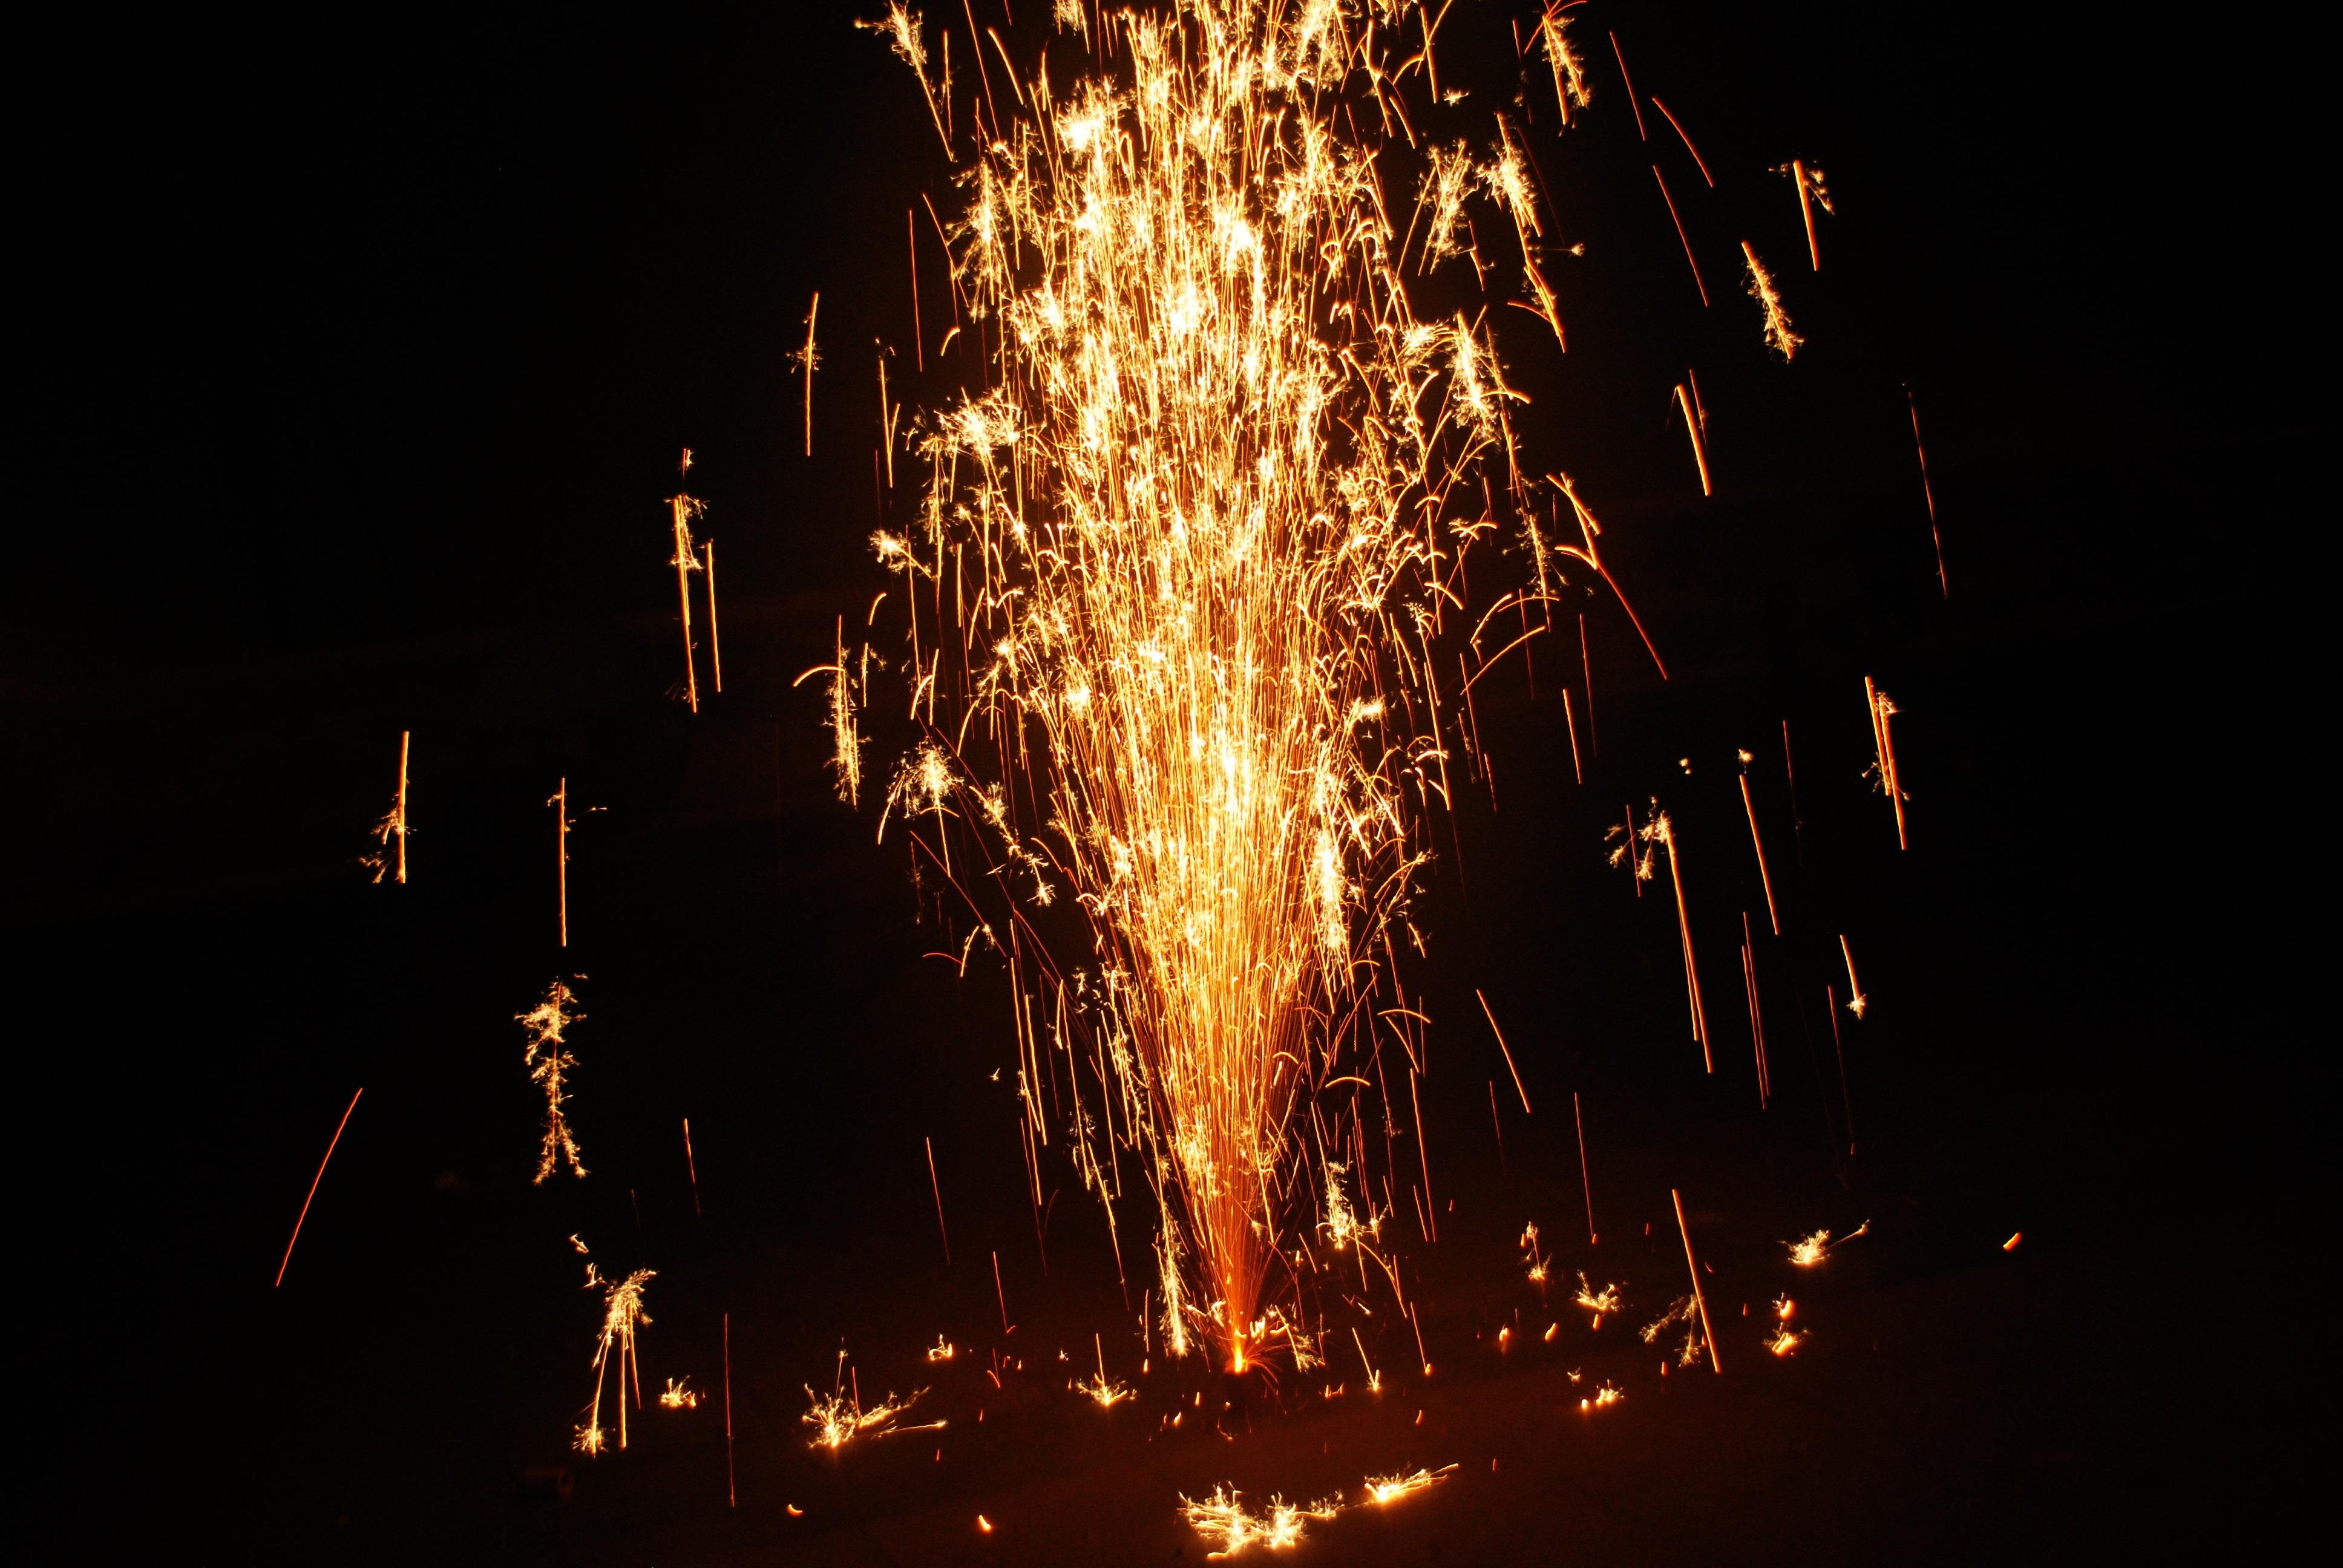 картинки пожар фейерверк отметить, что гости